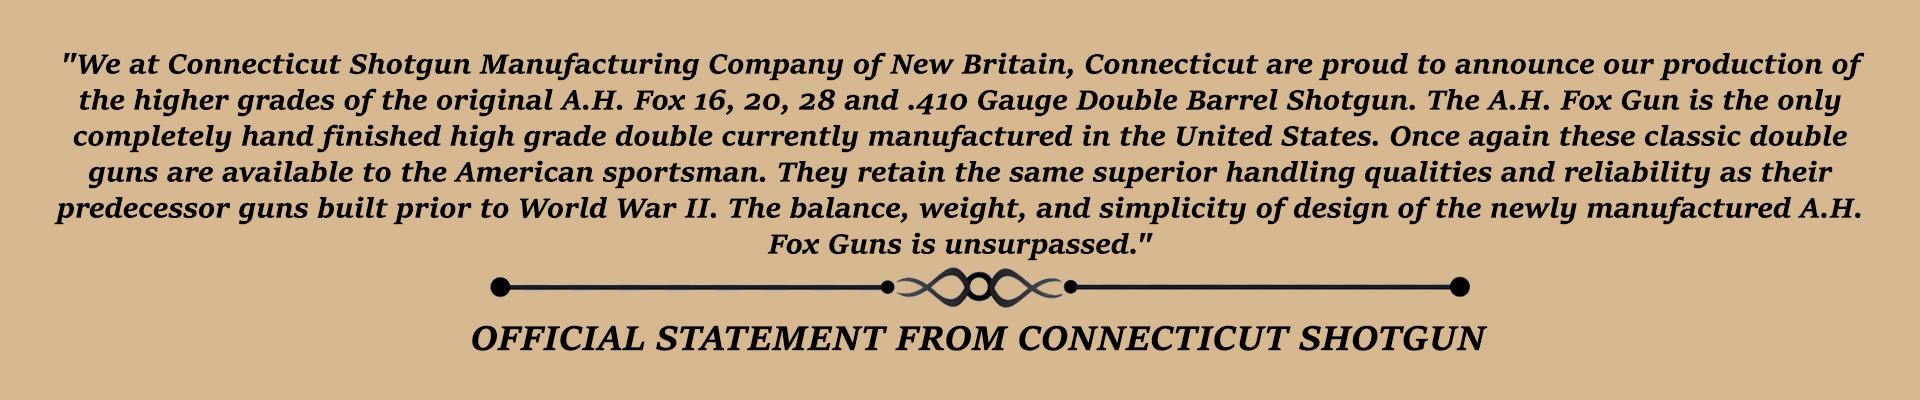 connecticut-shotgun-statement.jpg